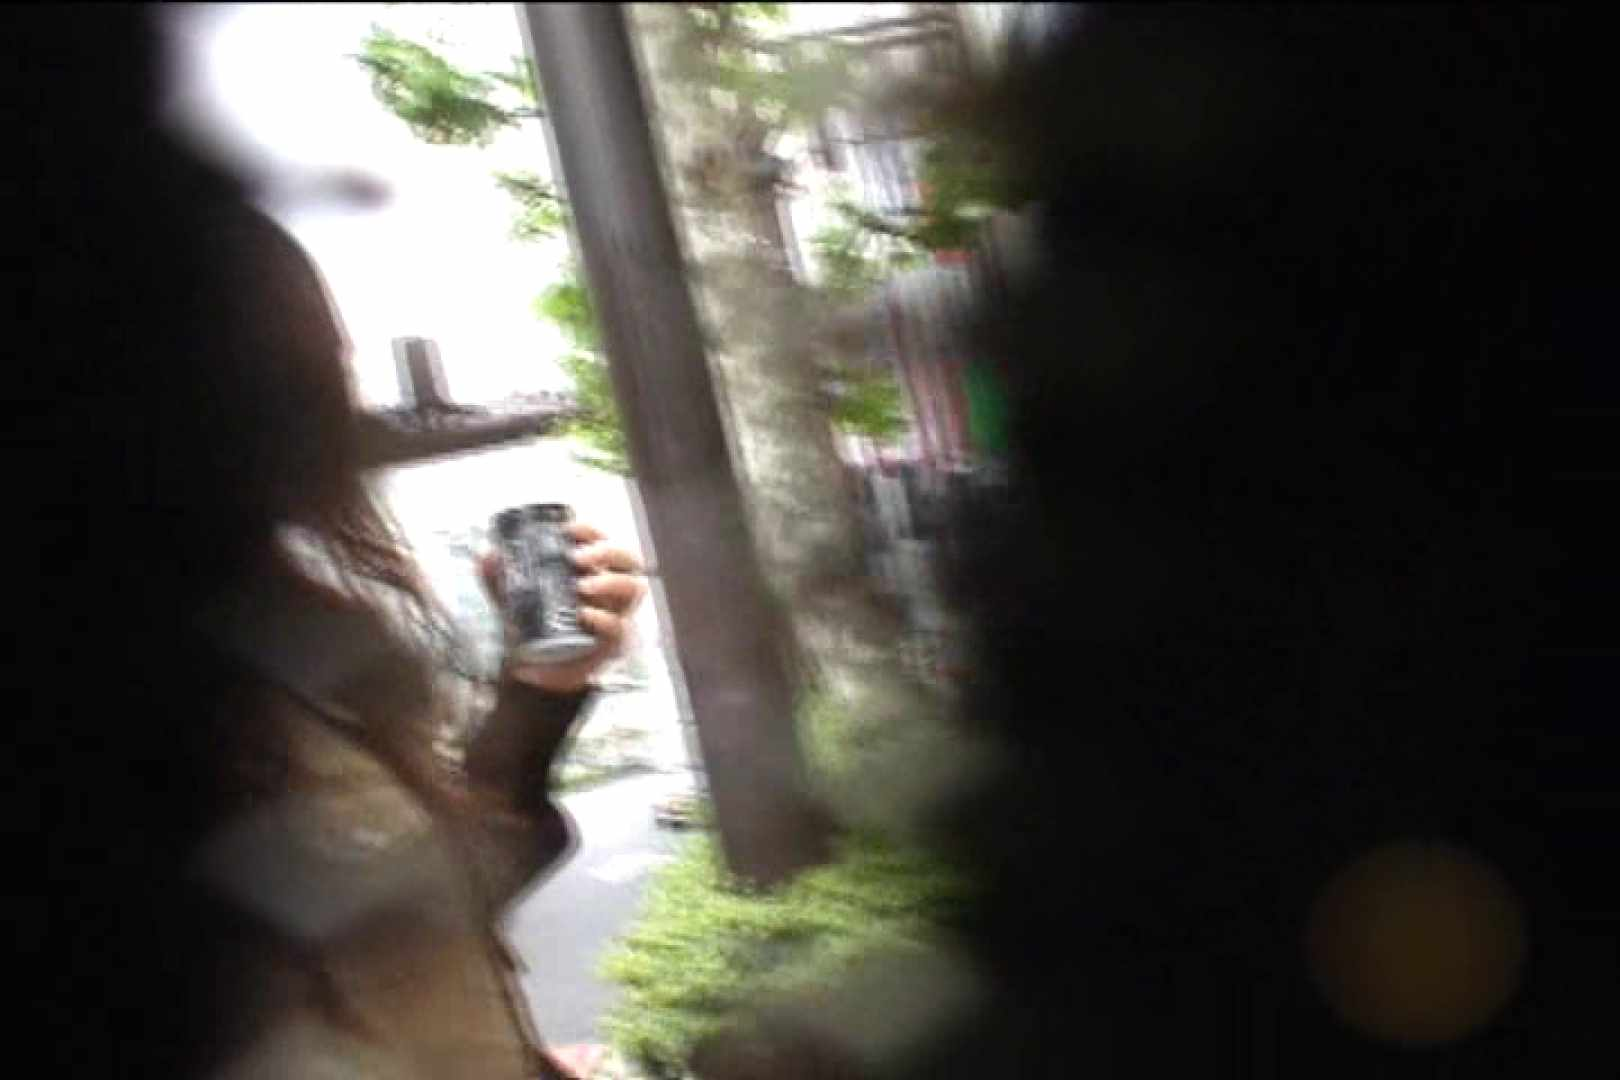 あなたの唇 奪い隊!! vol.1 超エロギャル 隠し撮りオマンコ動画紹介 70枚 2